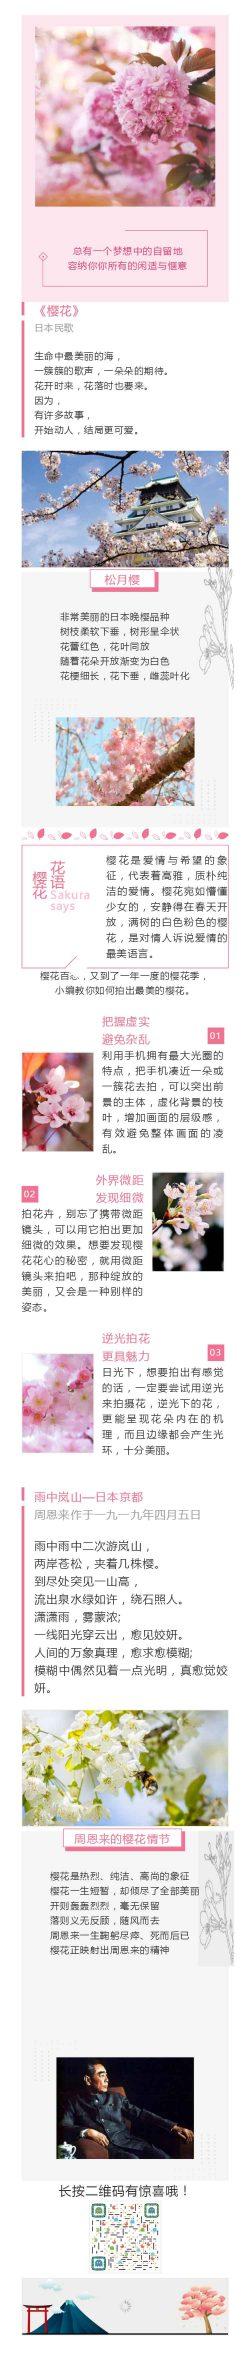 樱花日本民歌植物介绍百科 《樱花》